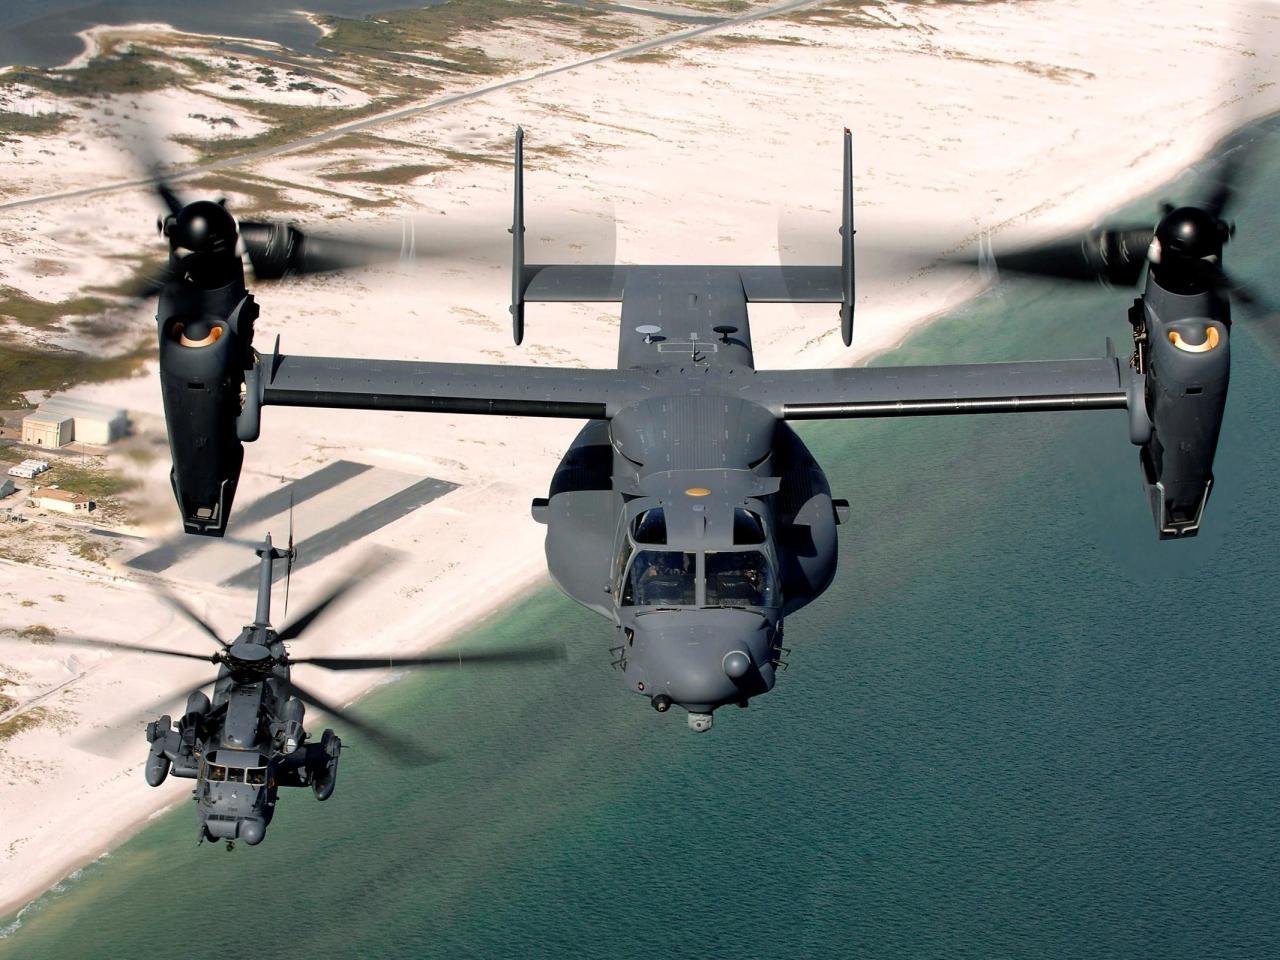 V-22 Osprey - 1280x960